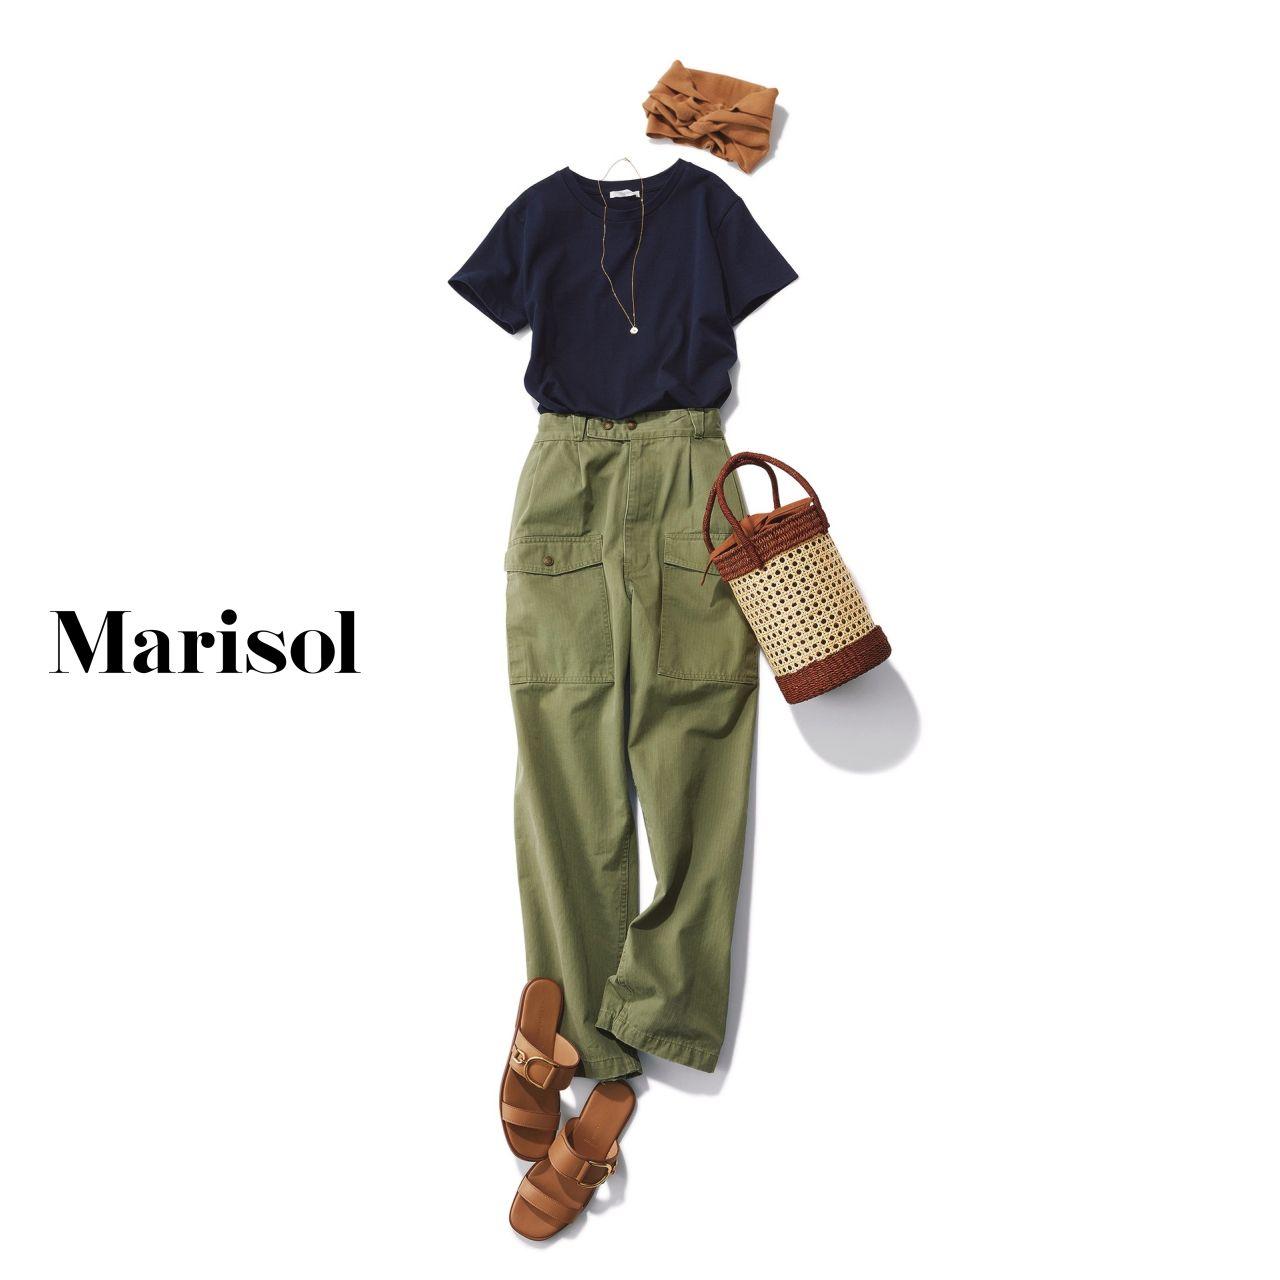 ボード 明日のコーデ Fashion Coordinate Marisol マリソル のピン